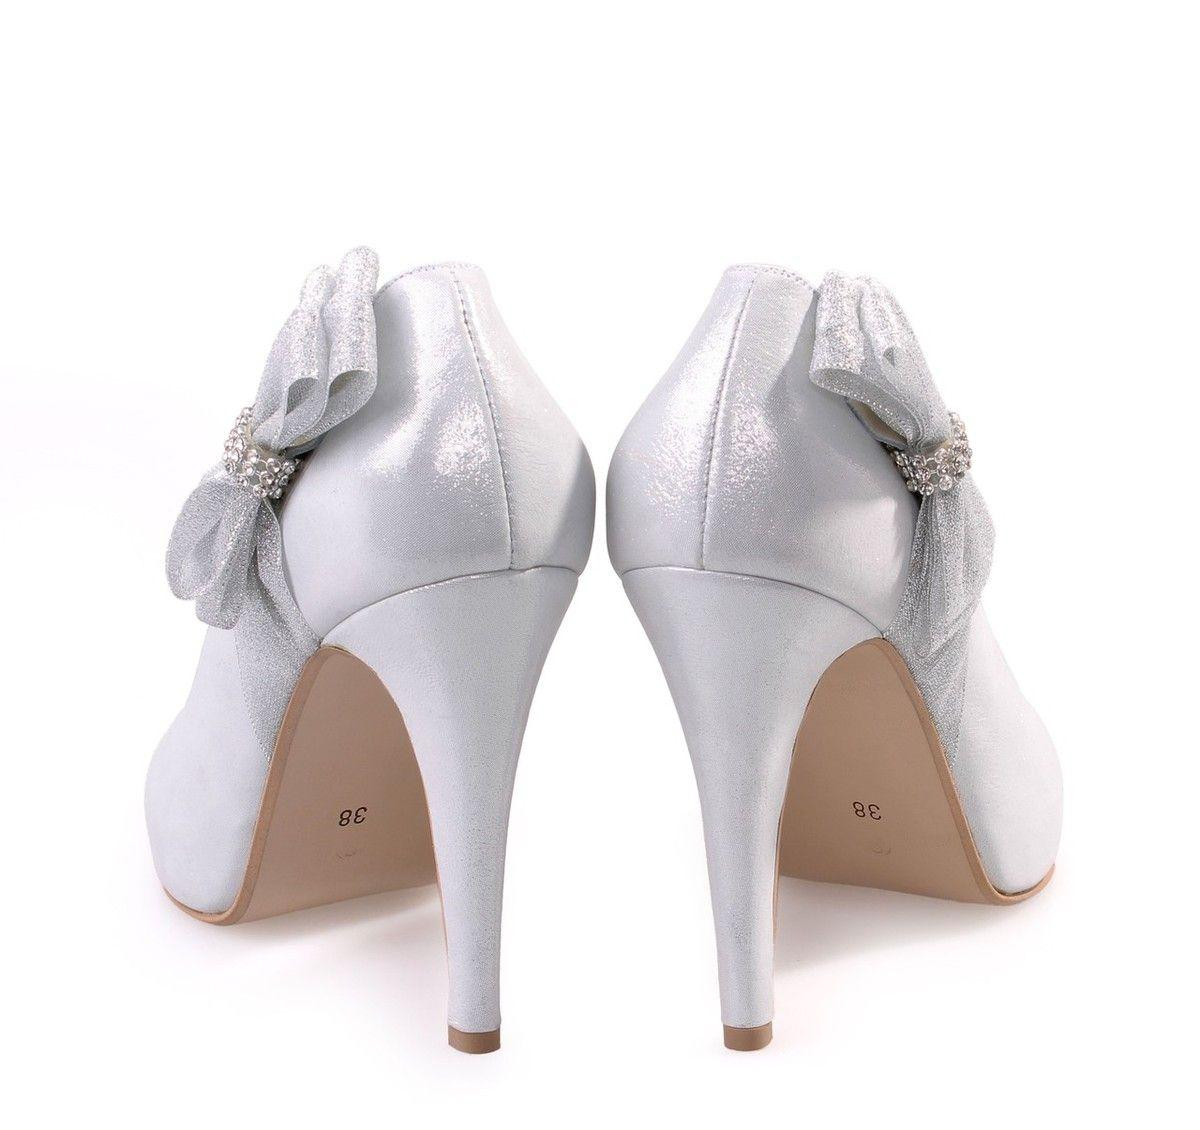 92f2bf7b461 SAGIAKOS Silver Leather Bridal Pumps. Γυναικείες ασημί δερμάτινες νυφικές  γόβες.